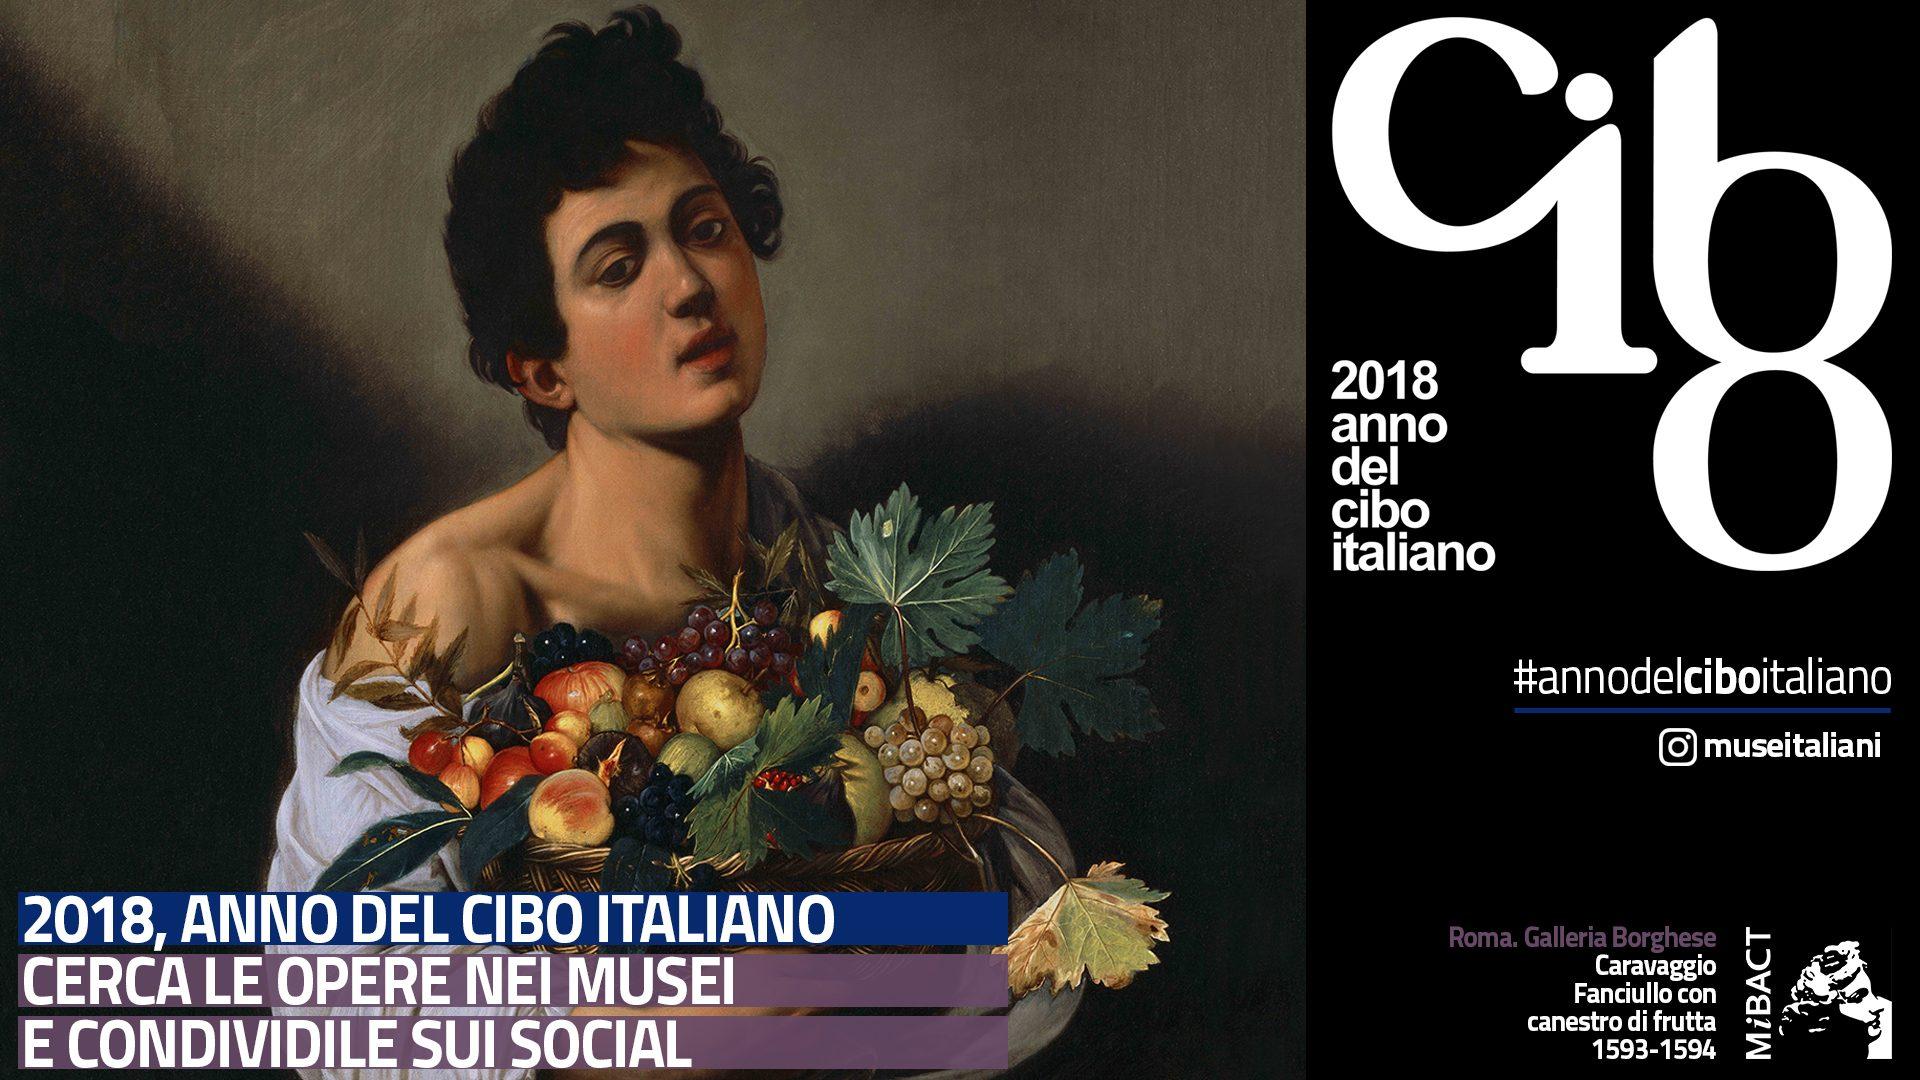 2018-anno-del-cibo_galleria-borghese-1920x1080